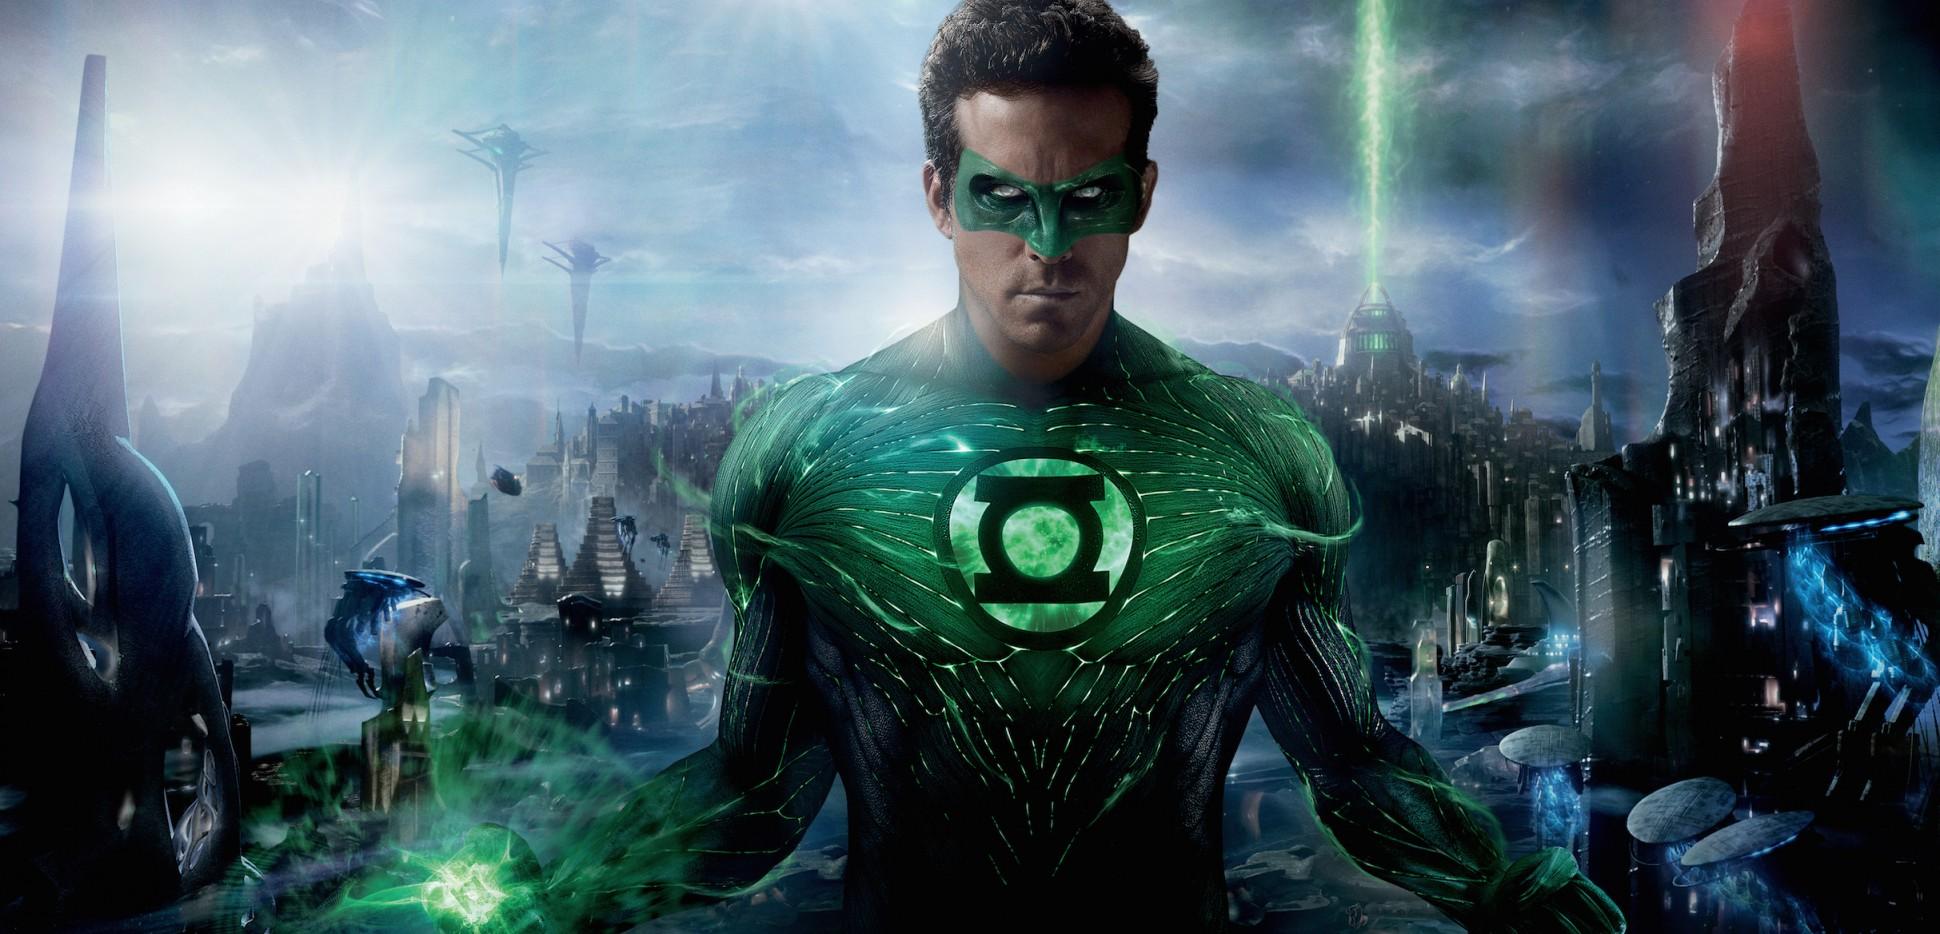 Ryan Reynolds confirma que não aparecerá no Snyder Cut de Liga da Justiça